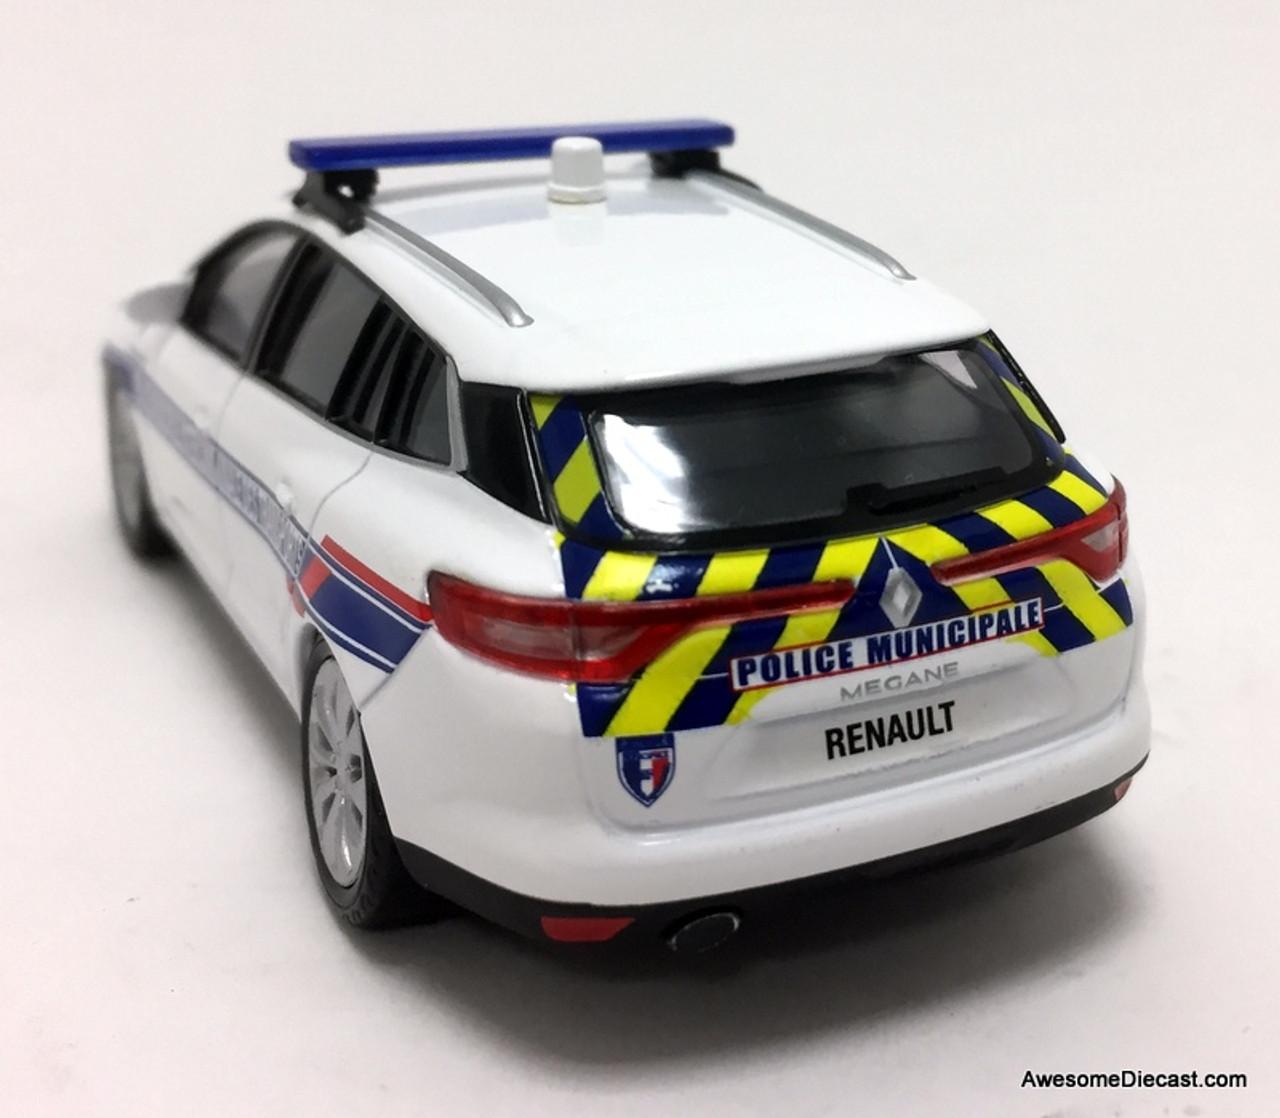 Renault Megane Peugeot 207 Französischer Feuerwehrmann 1:43 DIECAST AUTO CAR